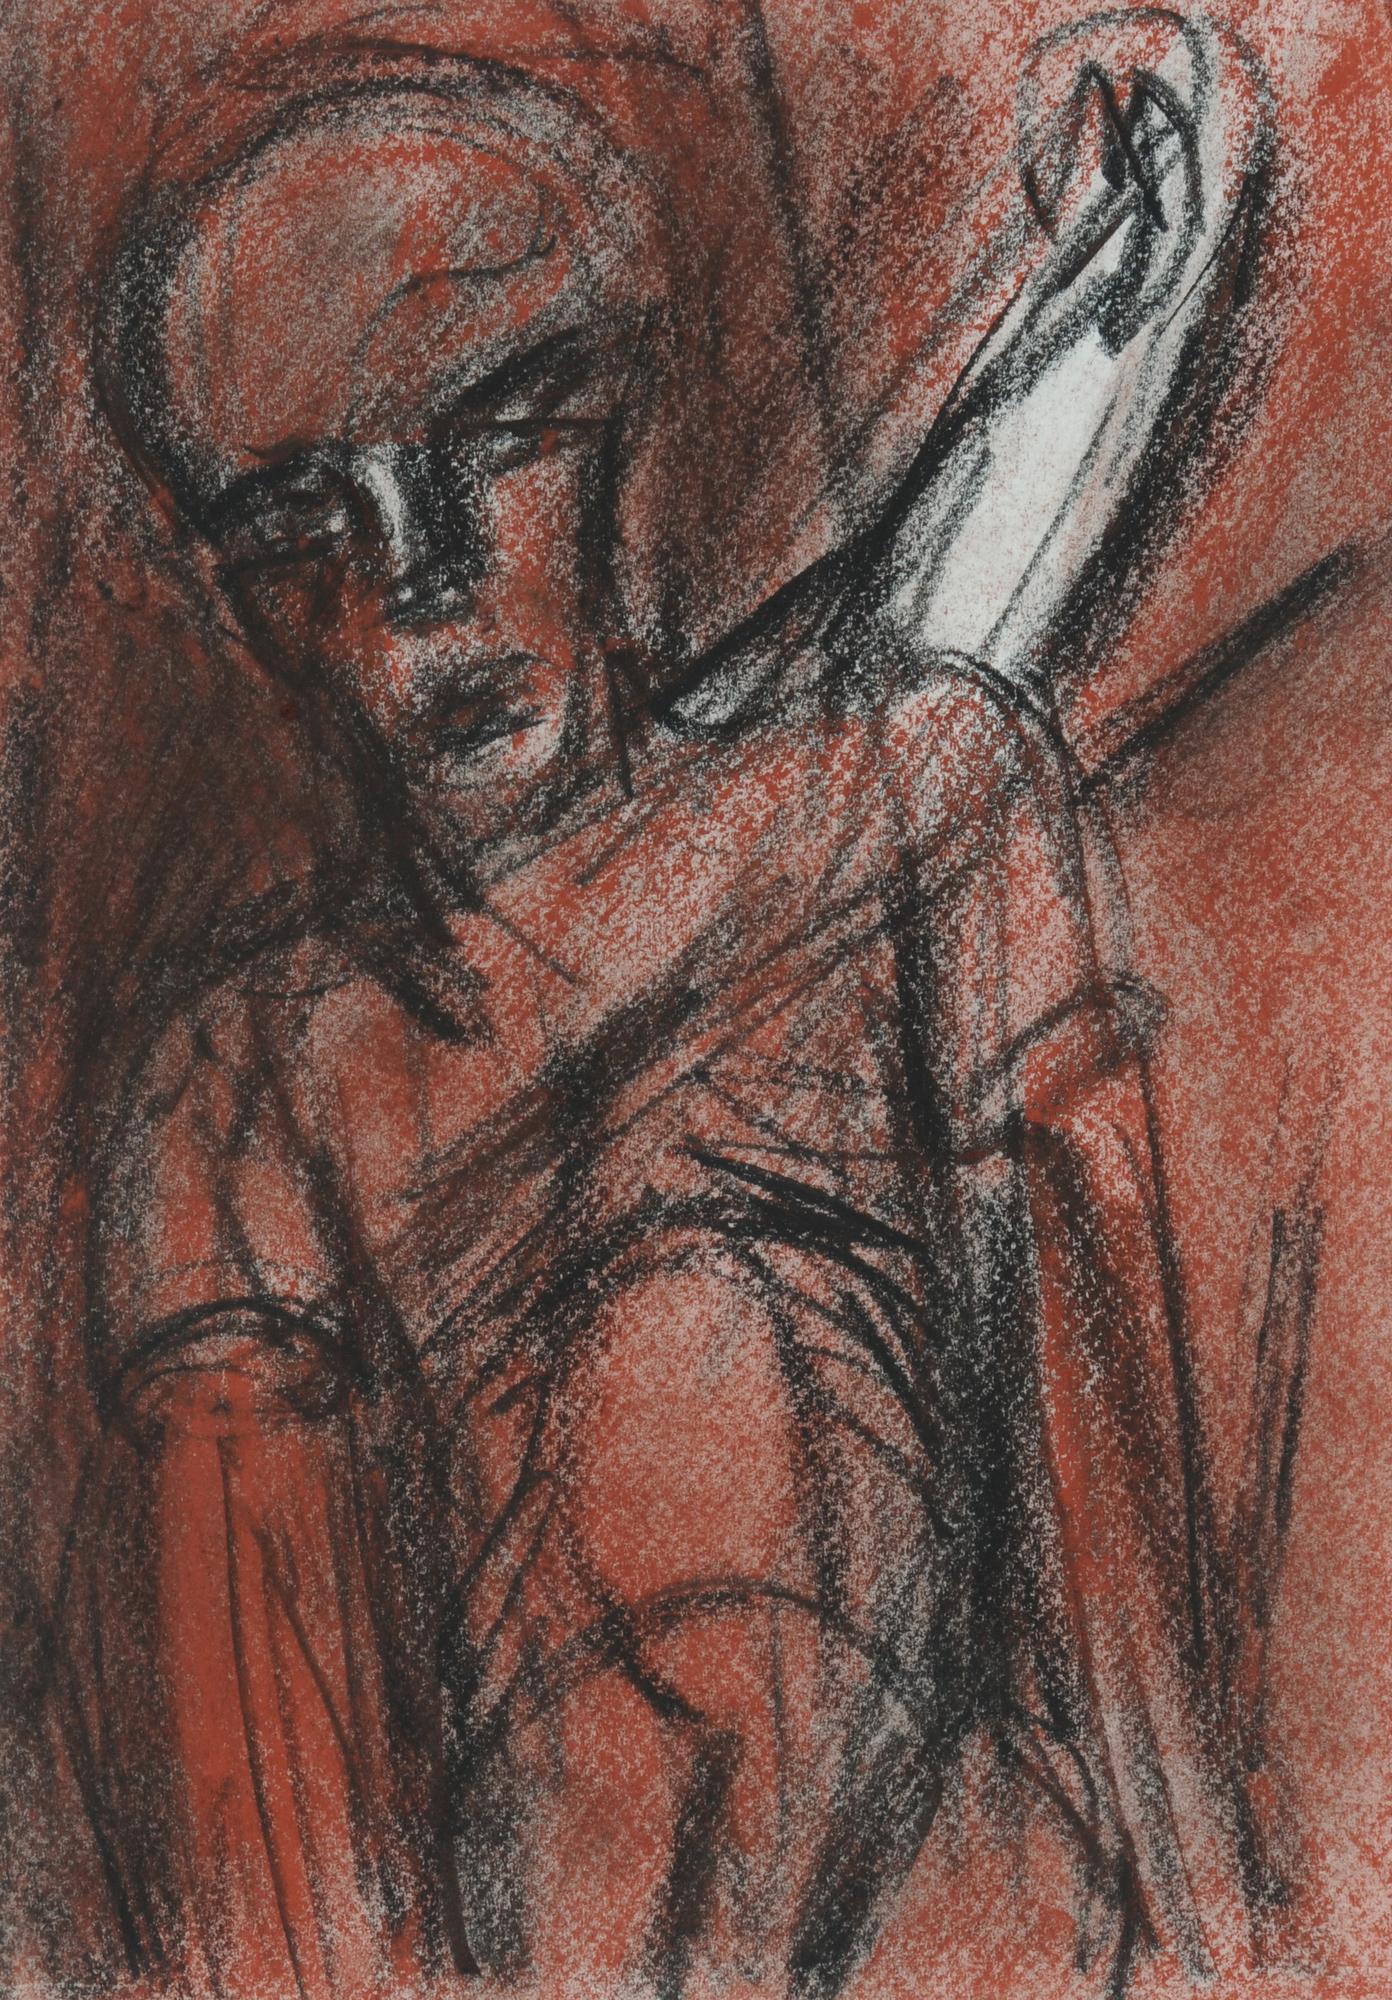 Müller Josef Felix, 3 sheets: Untitled